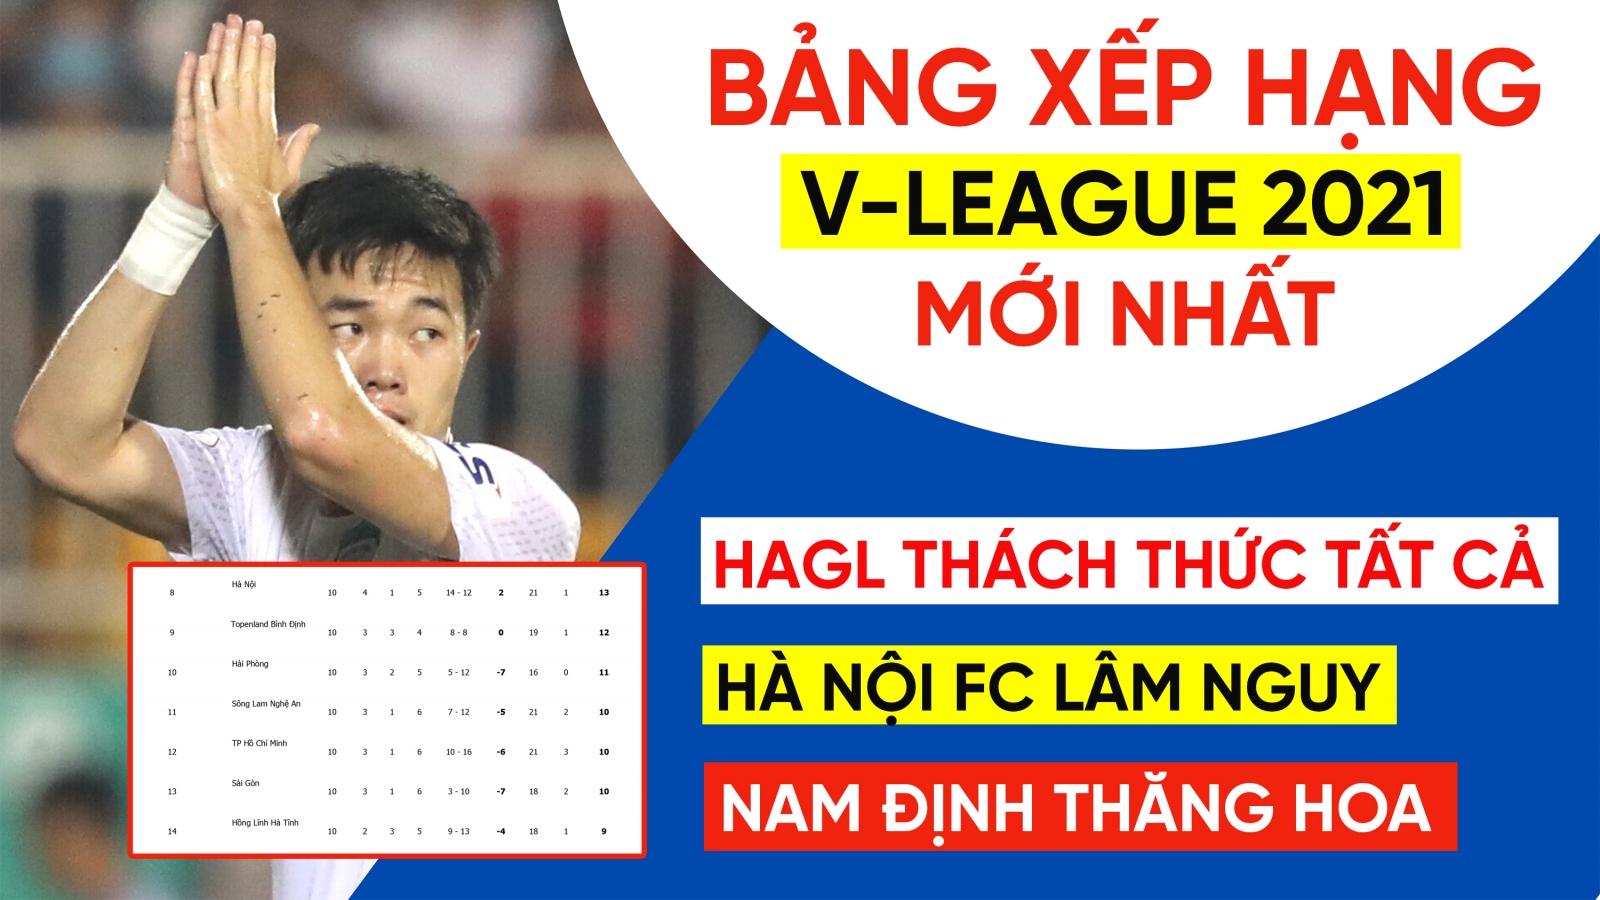 Bảng xếp hạng V-League 2021 sau vòng 10: HAGL không có đối thủ, Hà Nội FC lâm thế khó